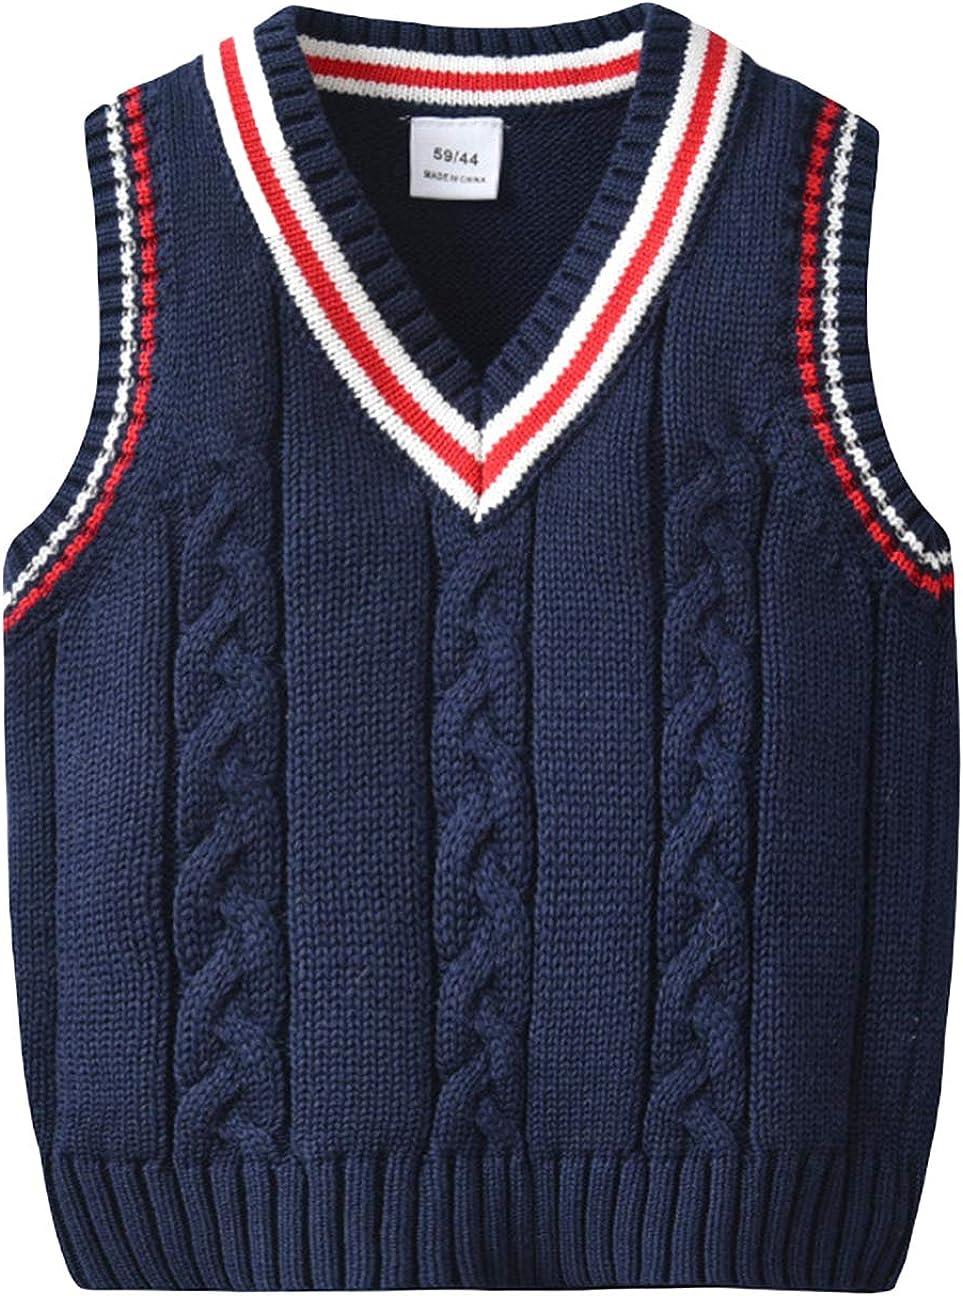 EOZY Baby Jungen West Pullover /Ärmellos Strickweste Pullunder Sweatshirt